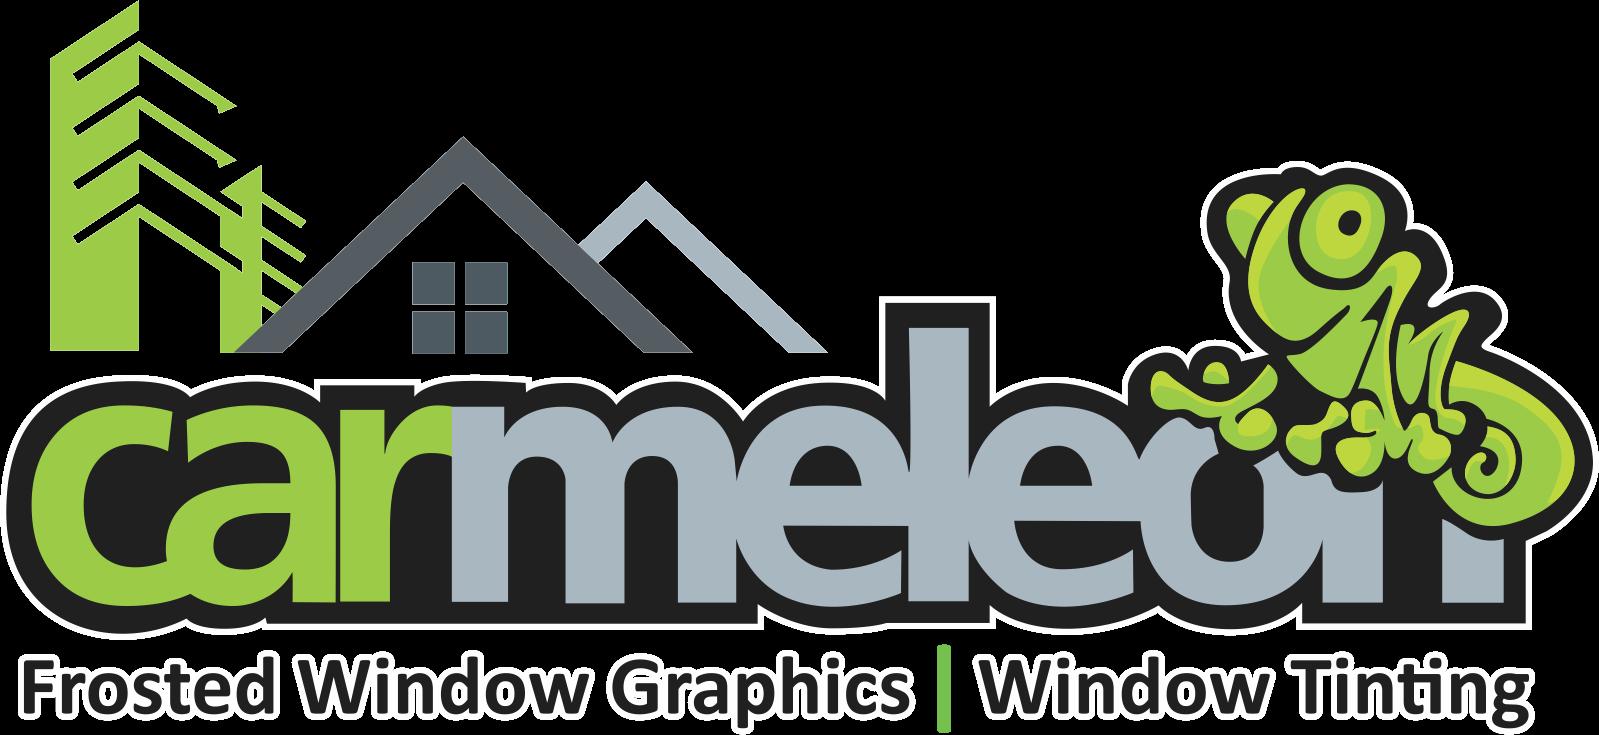 Carmeleon logo